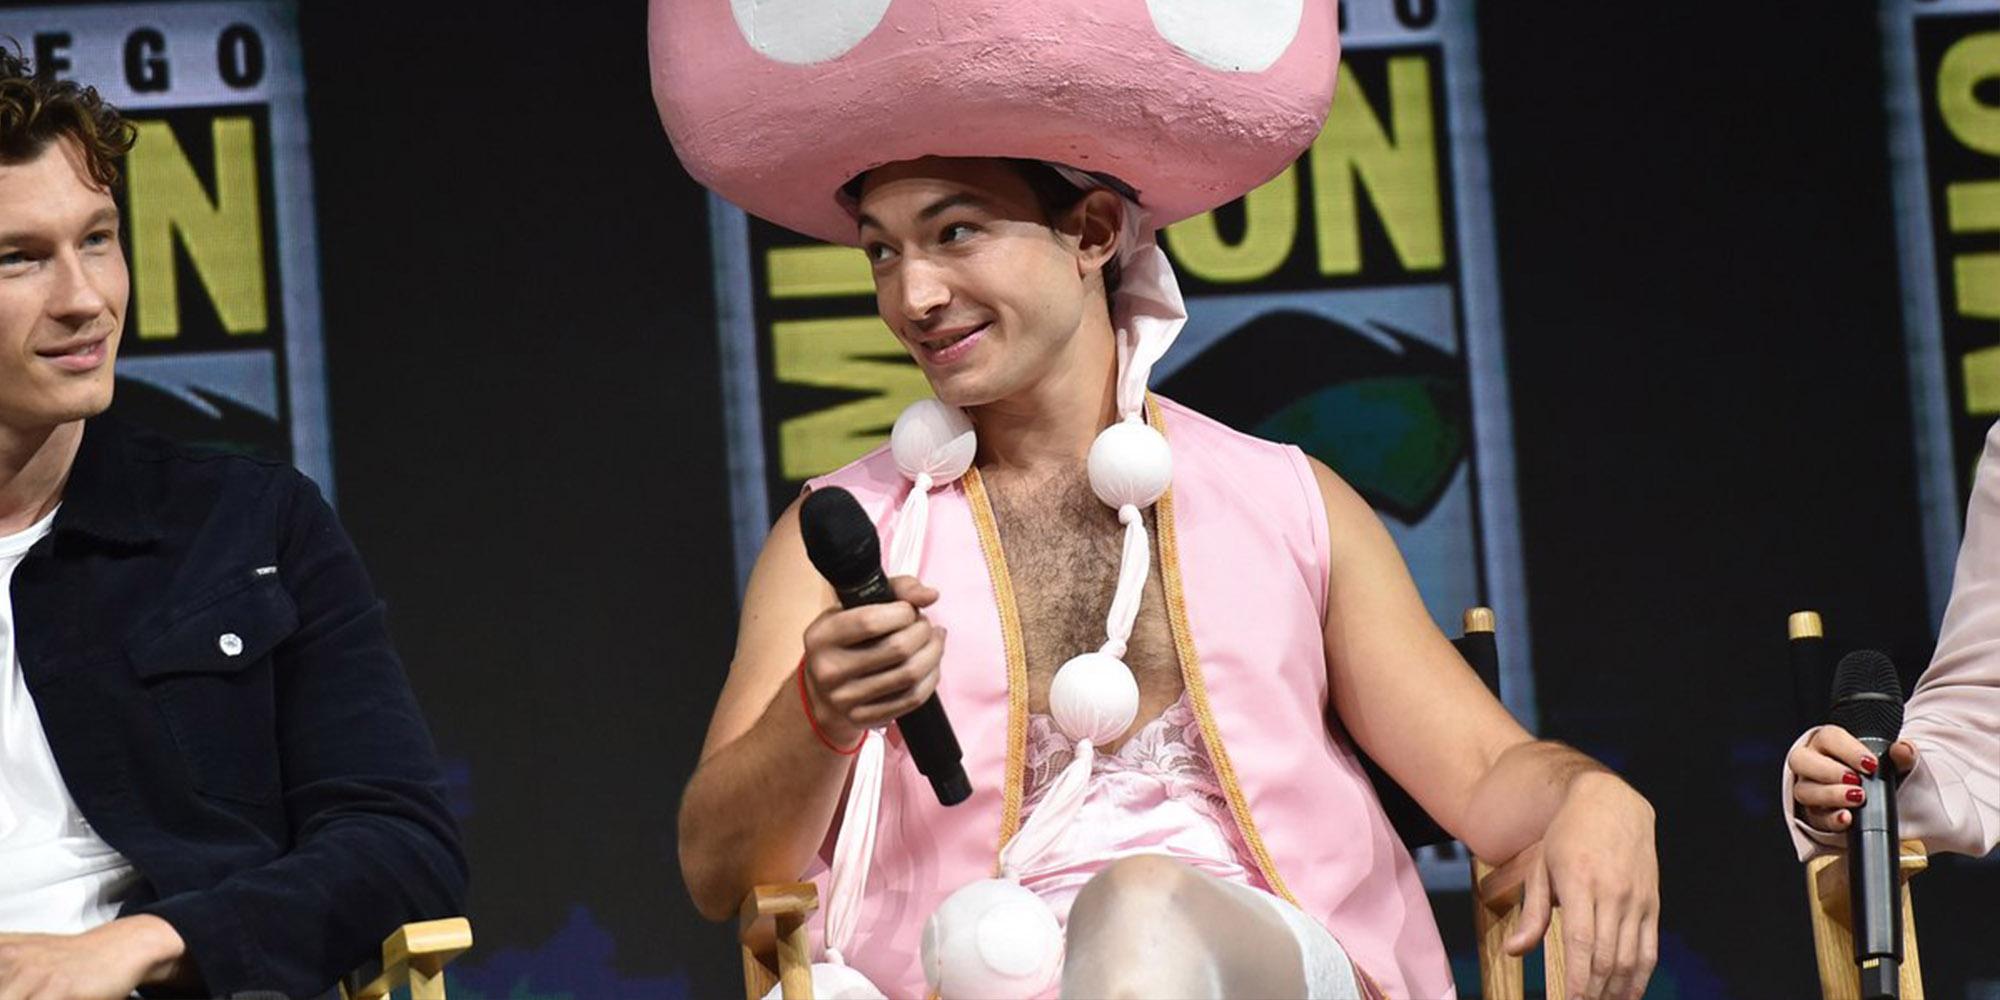 Este fue el Cosplay de 'Toadette' que Usó Ezra Miller para el Comic-Con de este Año